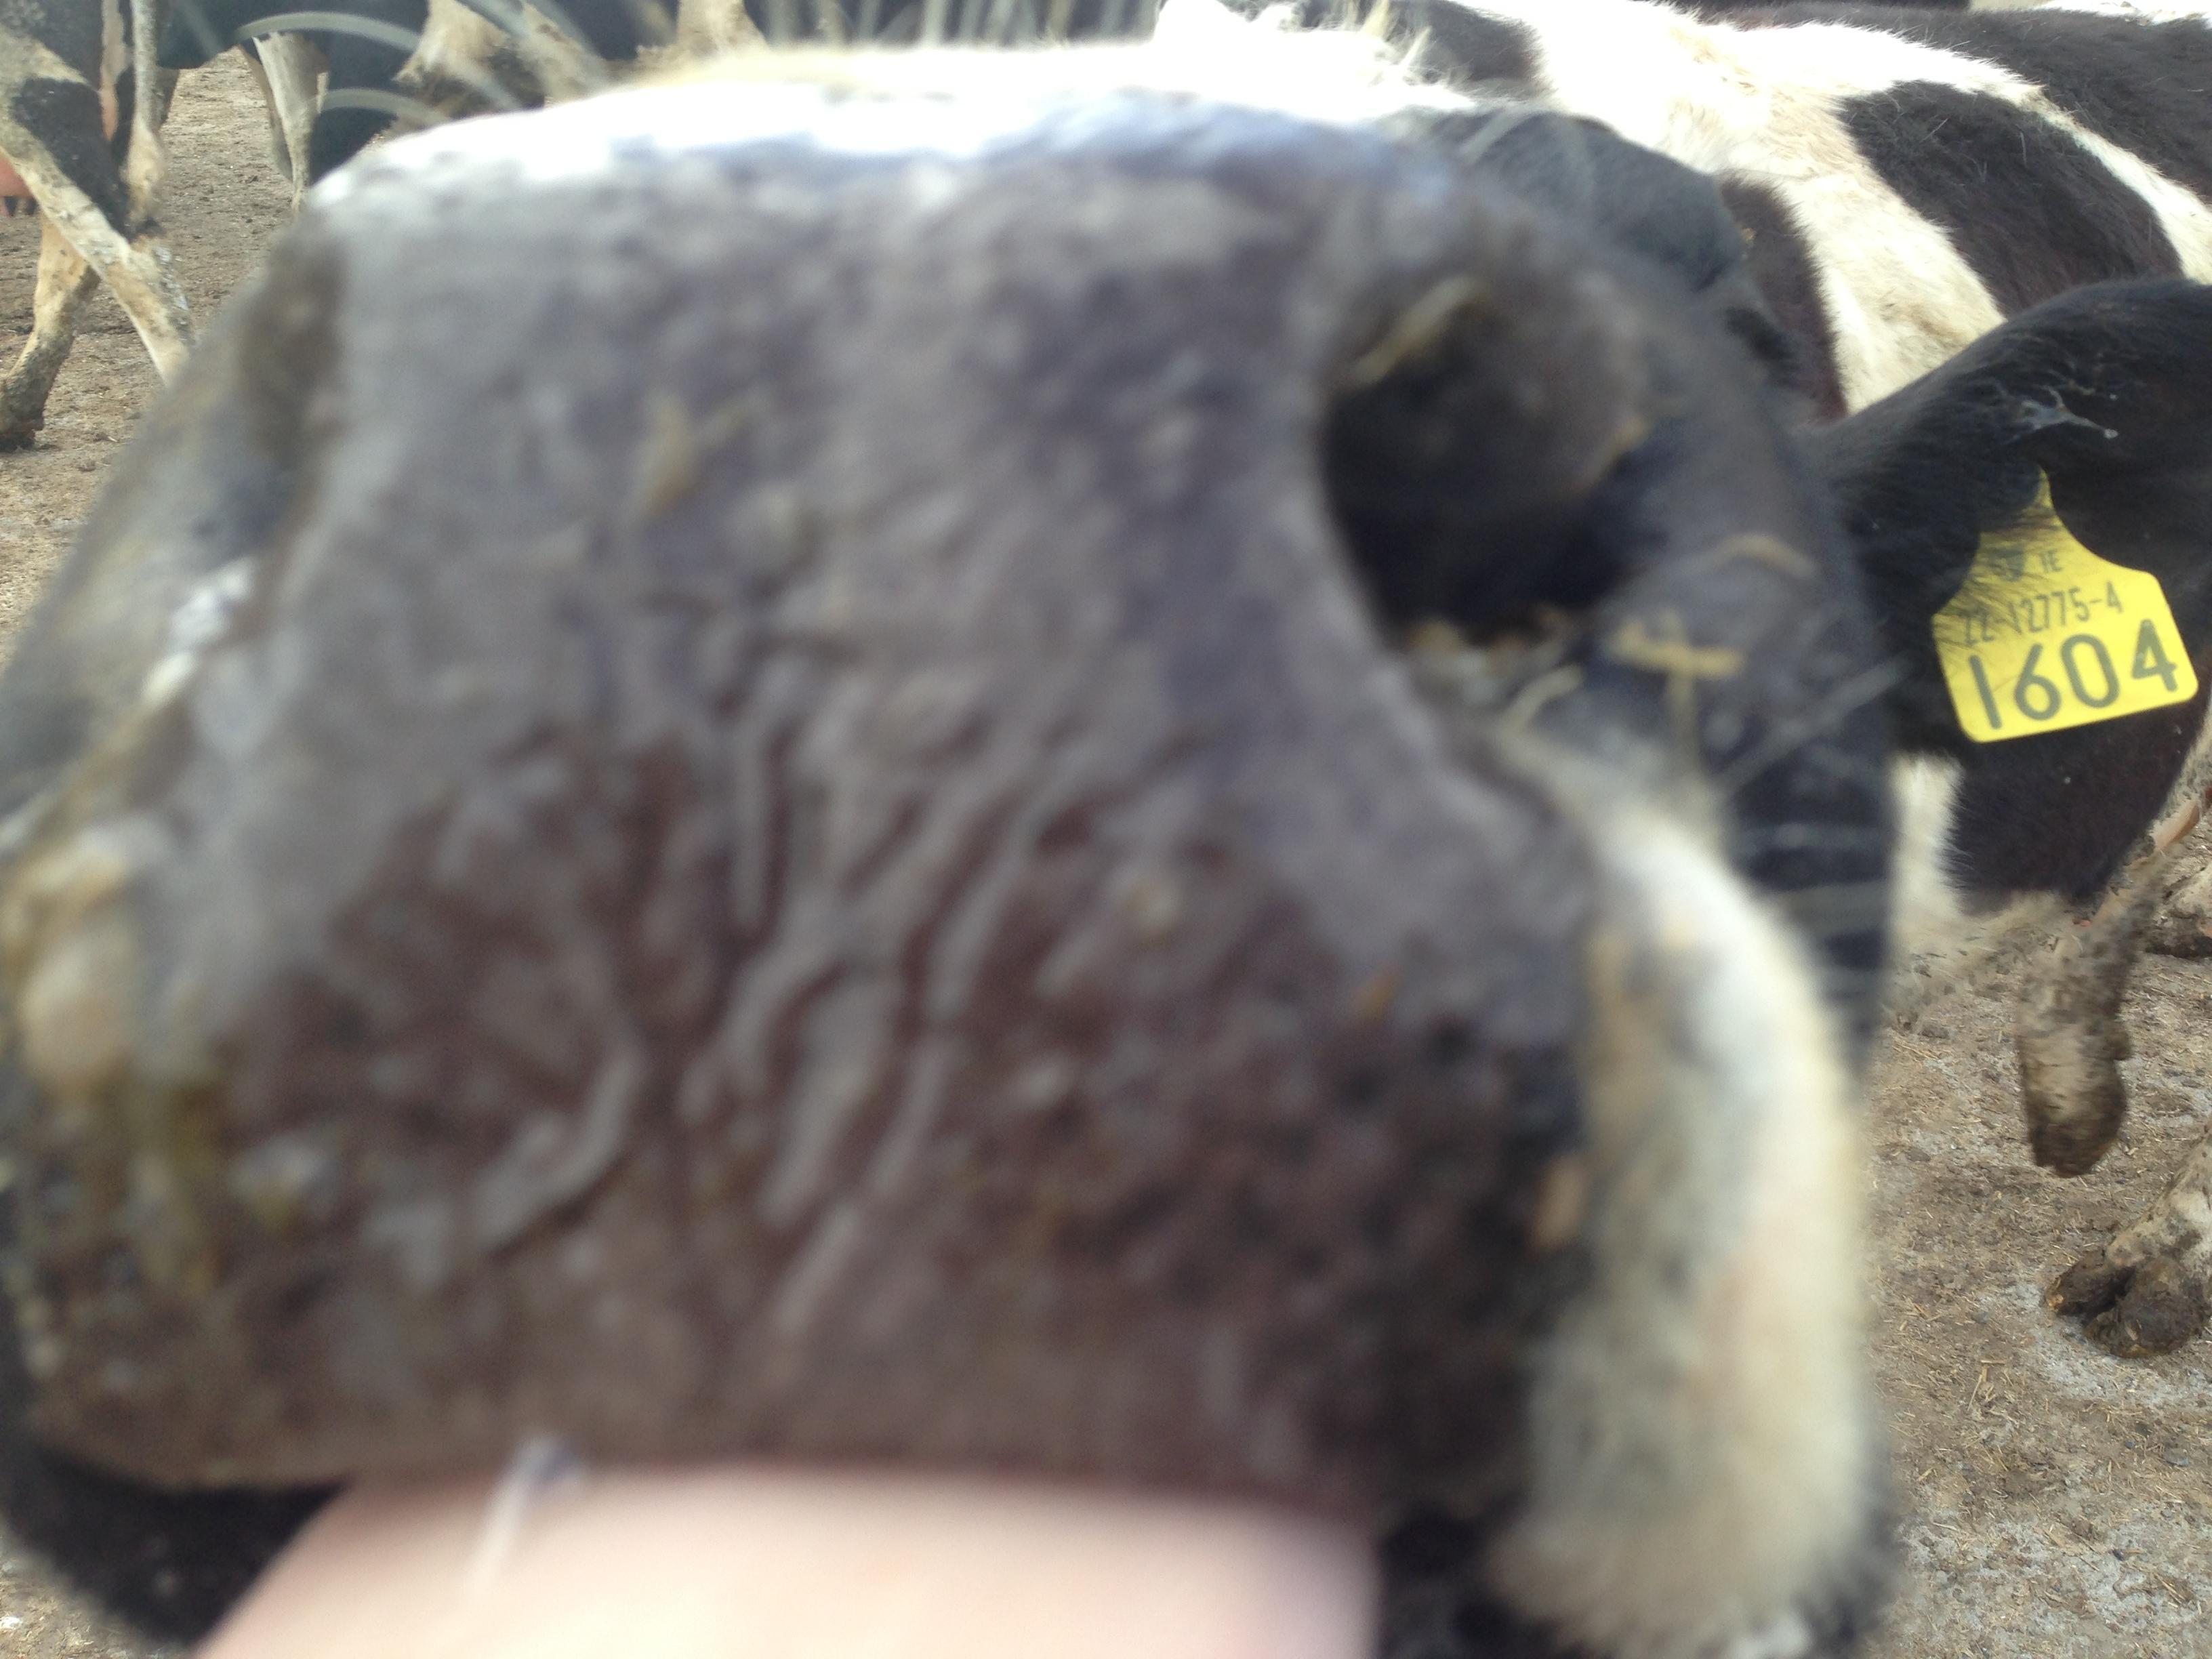 Irish Dairy Cow